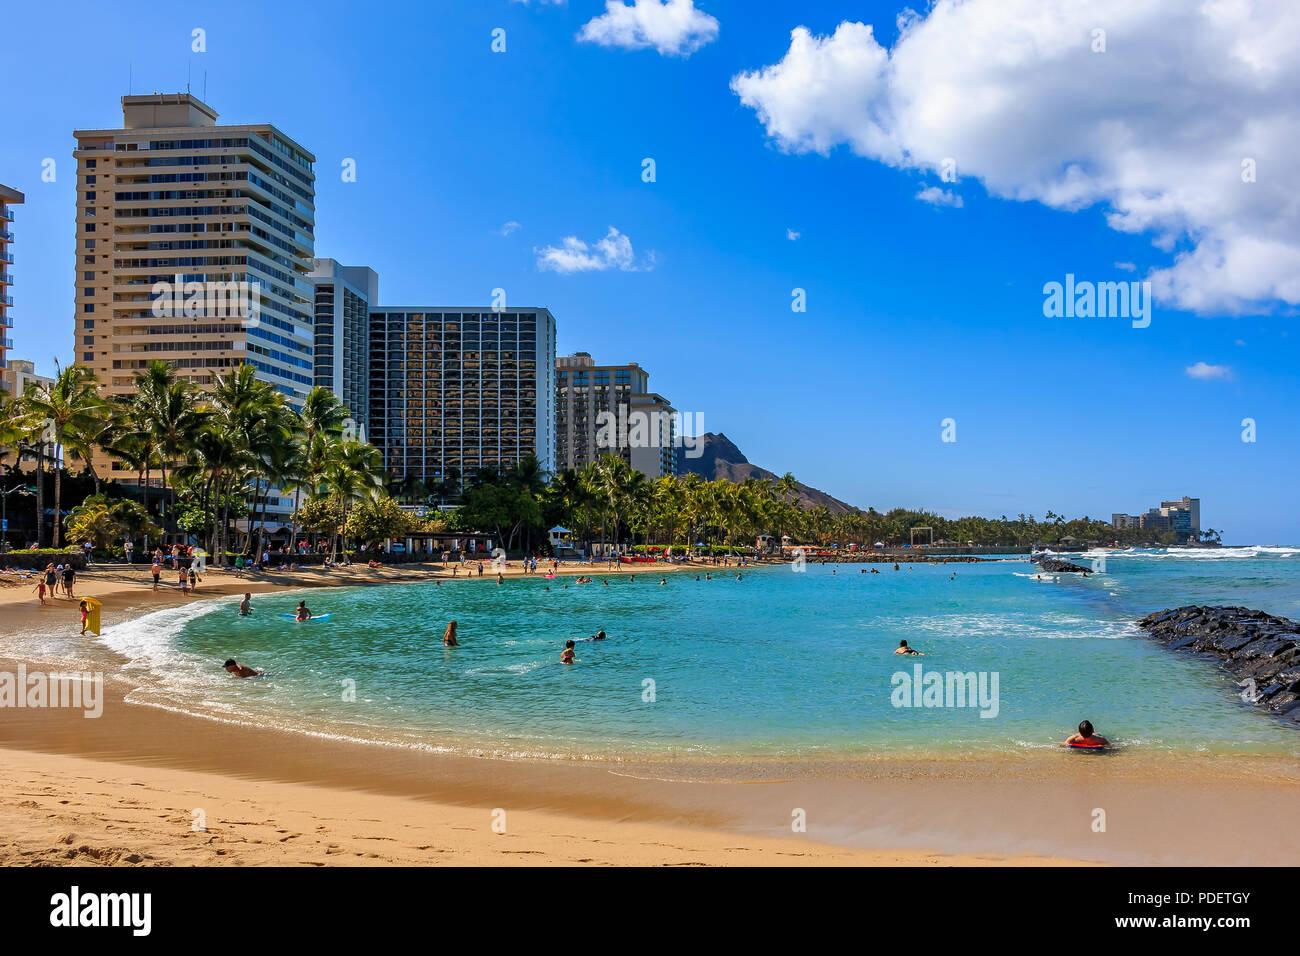 Giorno tempo vista della spiaggia di Waikiki e Diamond Head a Honolulu nelle Hawaii, STATI UNITI D'AMERICA Immagini Stock